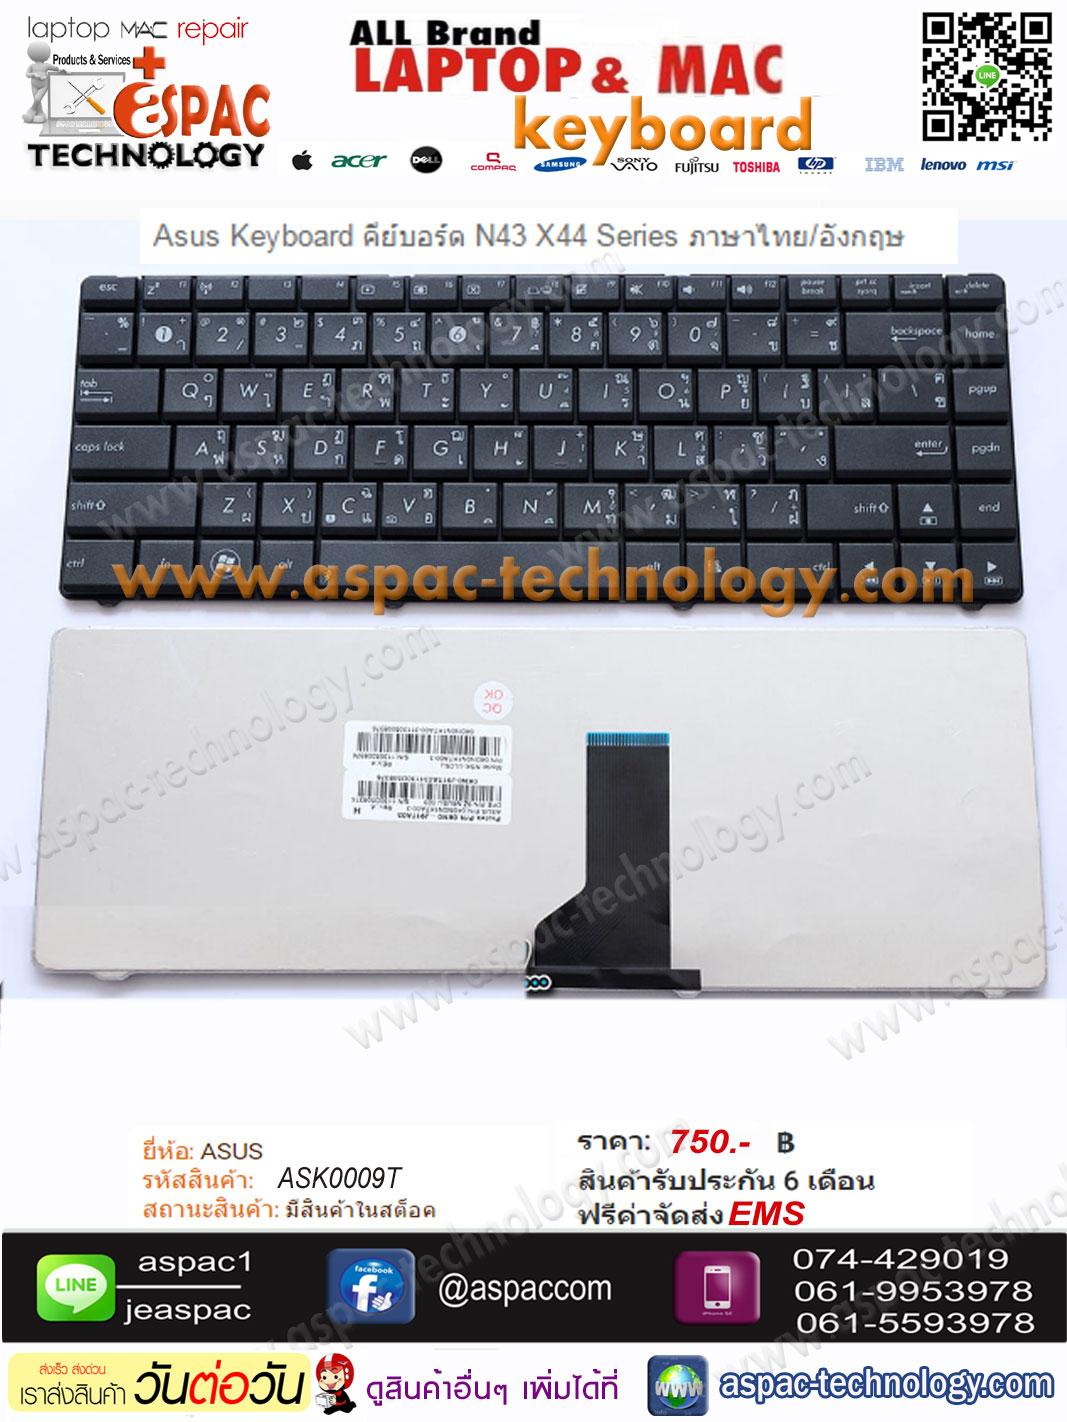 Asus Keyboard คีย์บอร์ด N43 X44 Series ภาษาไทย/อังกฤษ